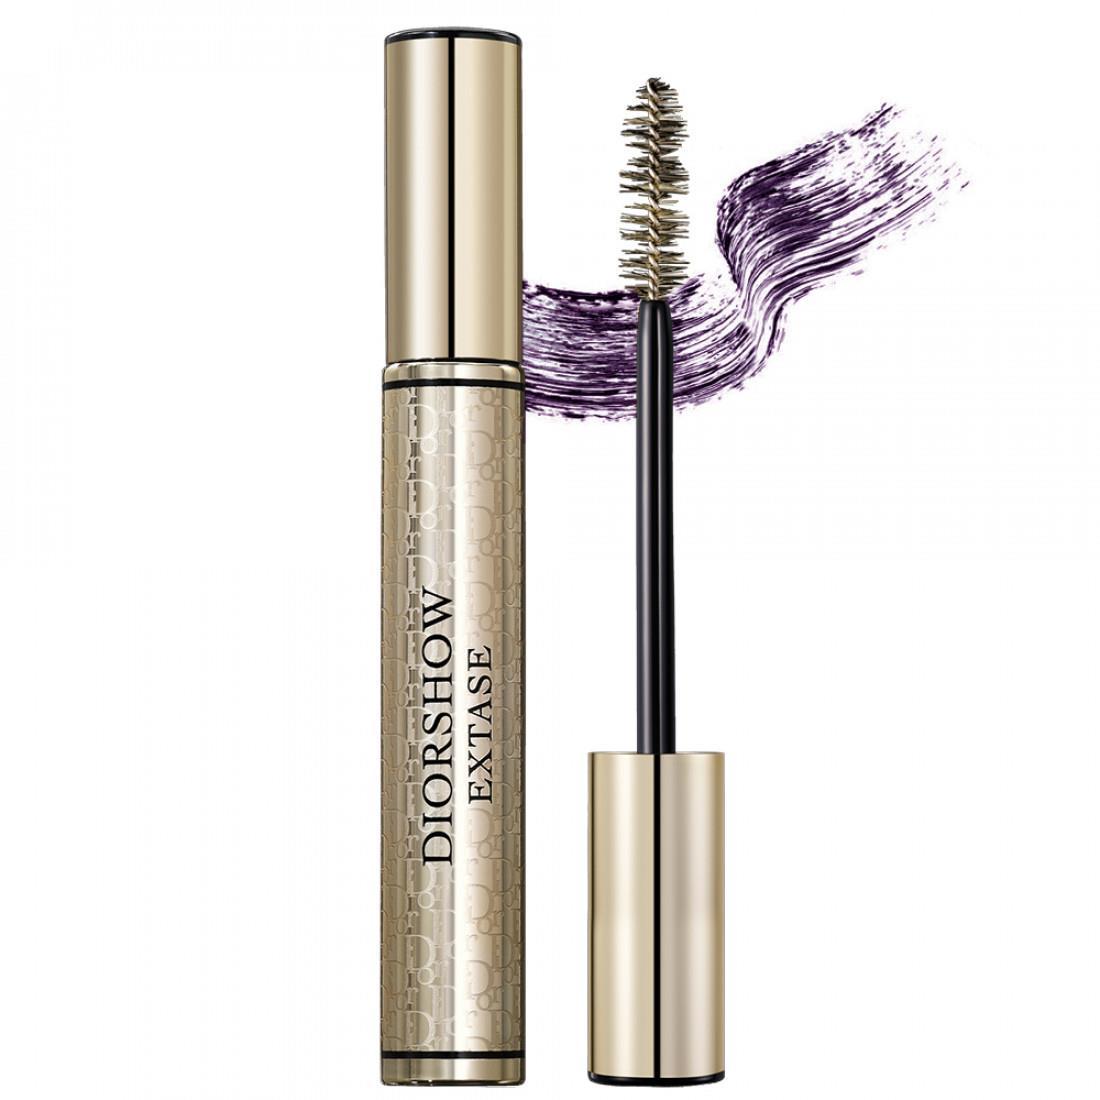 Dior Diorshow Extase Mascara 871 Plum Extase